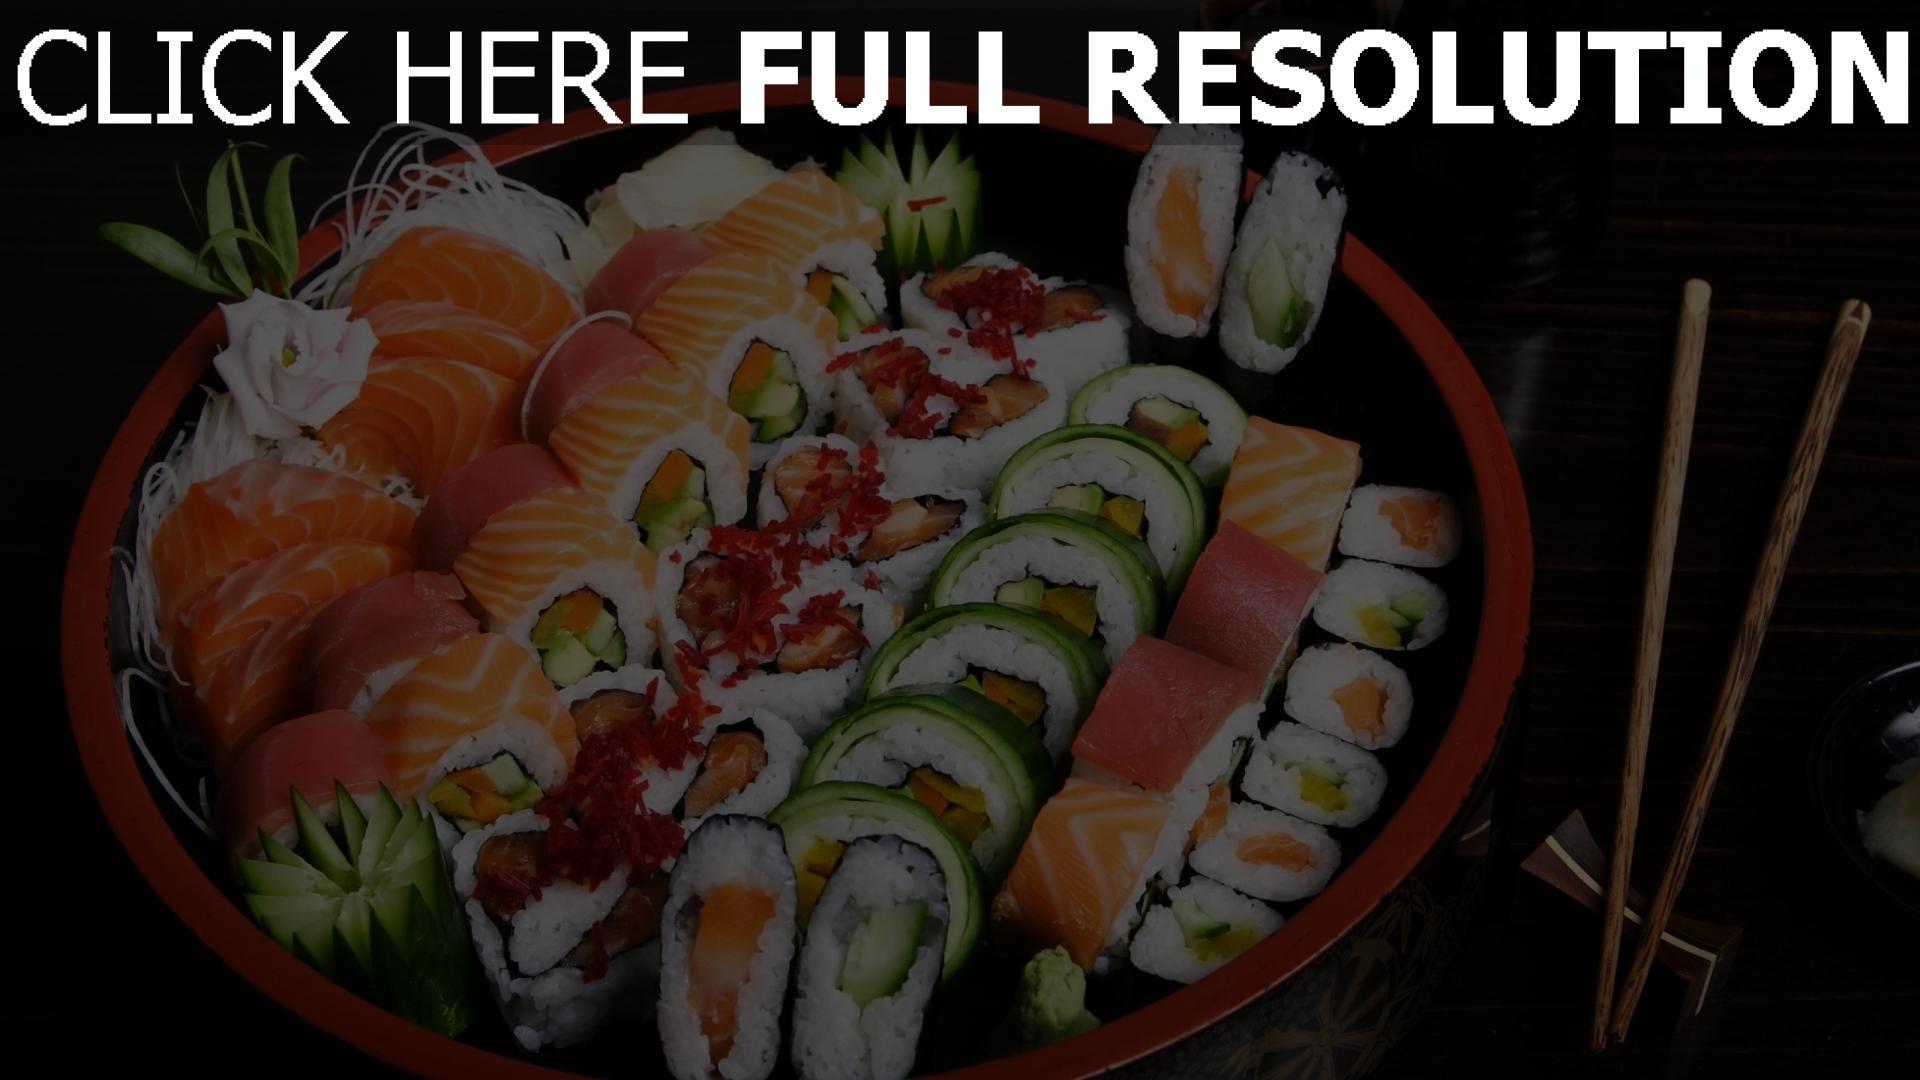 fond d'écran 1920x1080 sushi plat makis délicieux